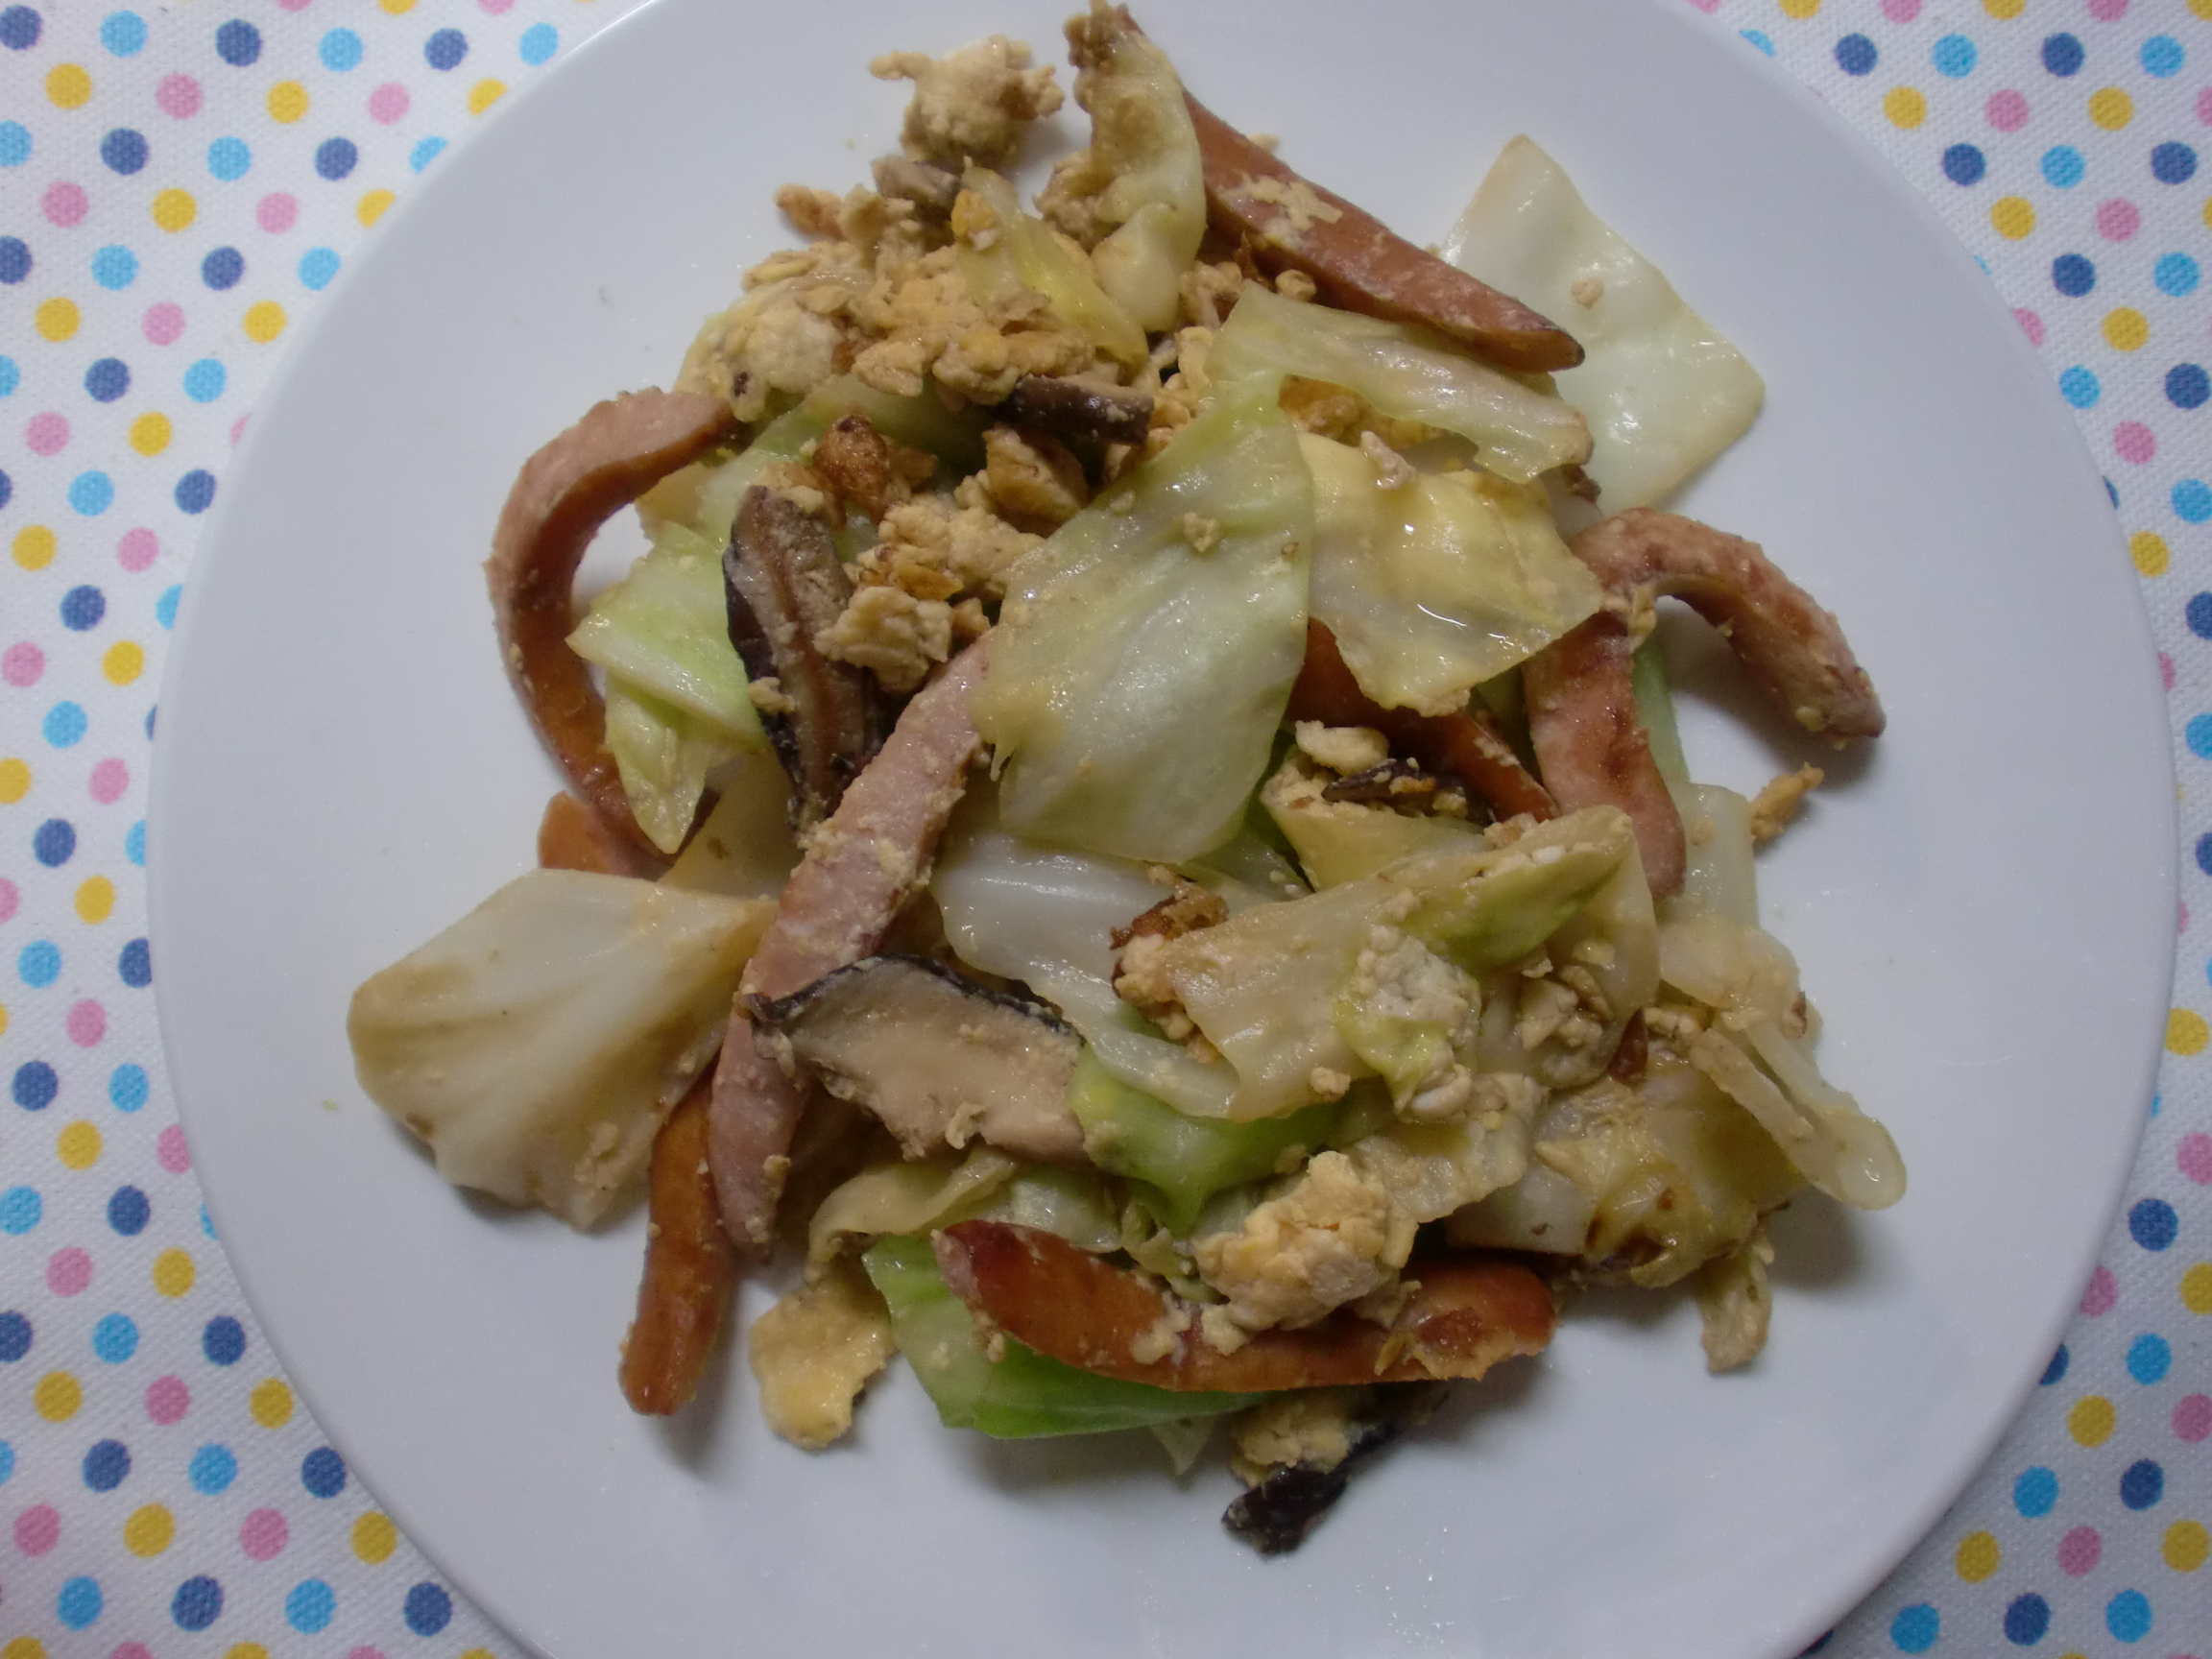 ソーセージと玉子を使って簡単に調理!減塩の野菜炒め